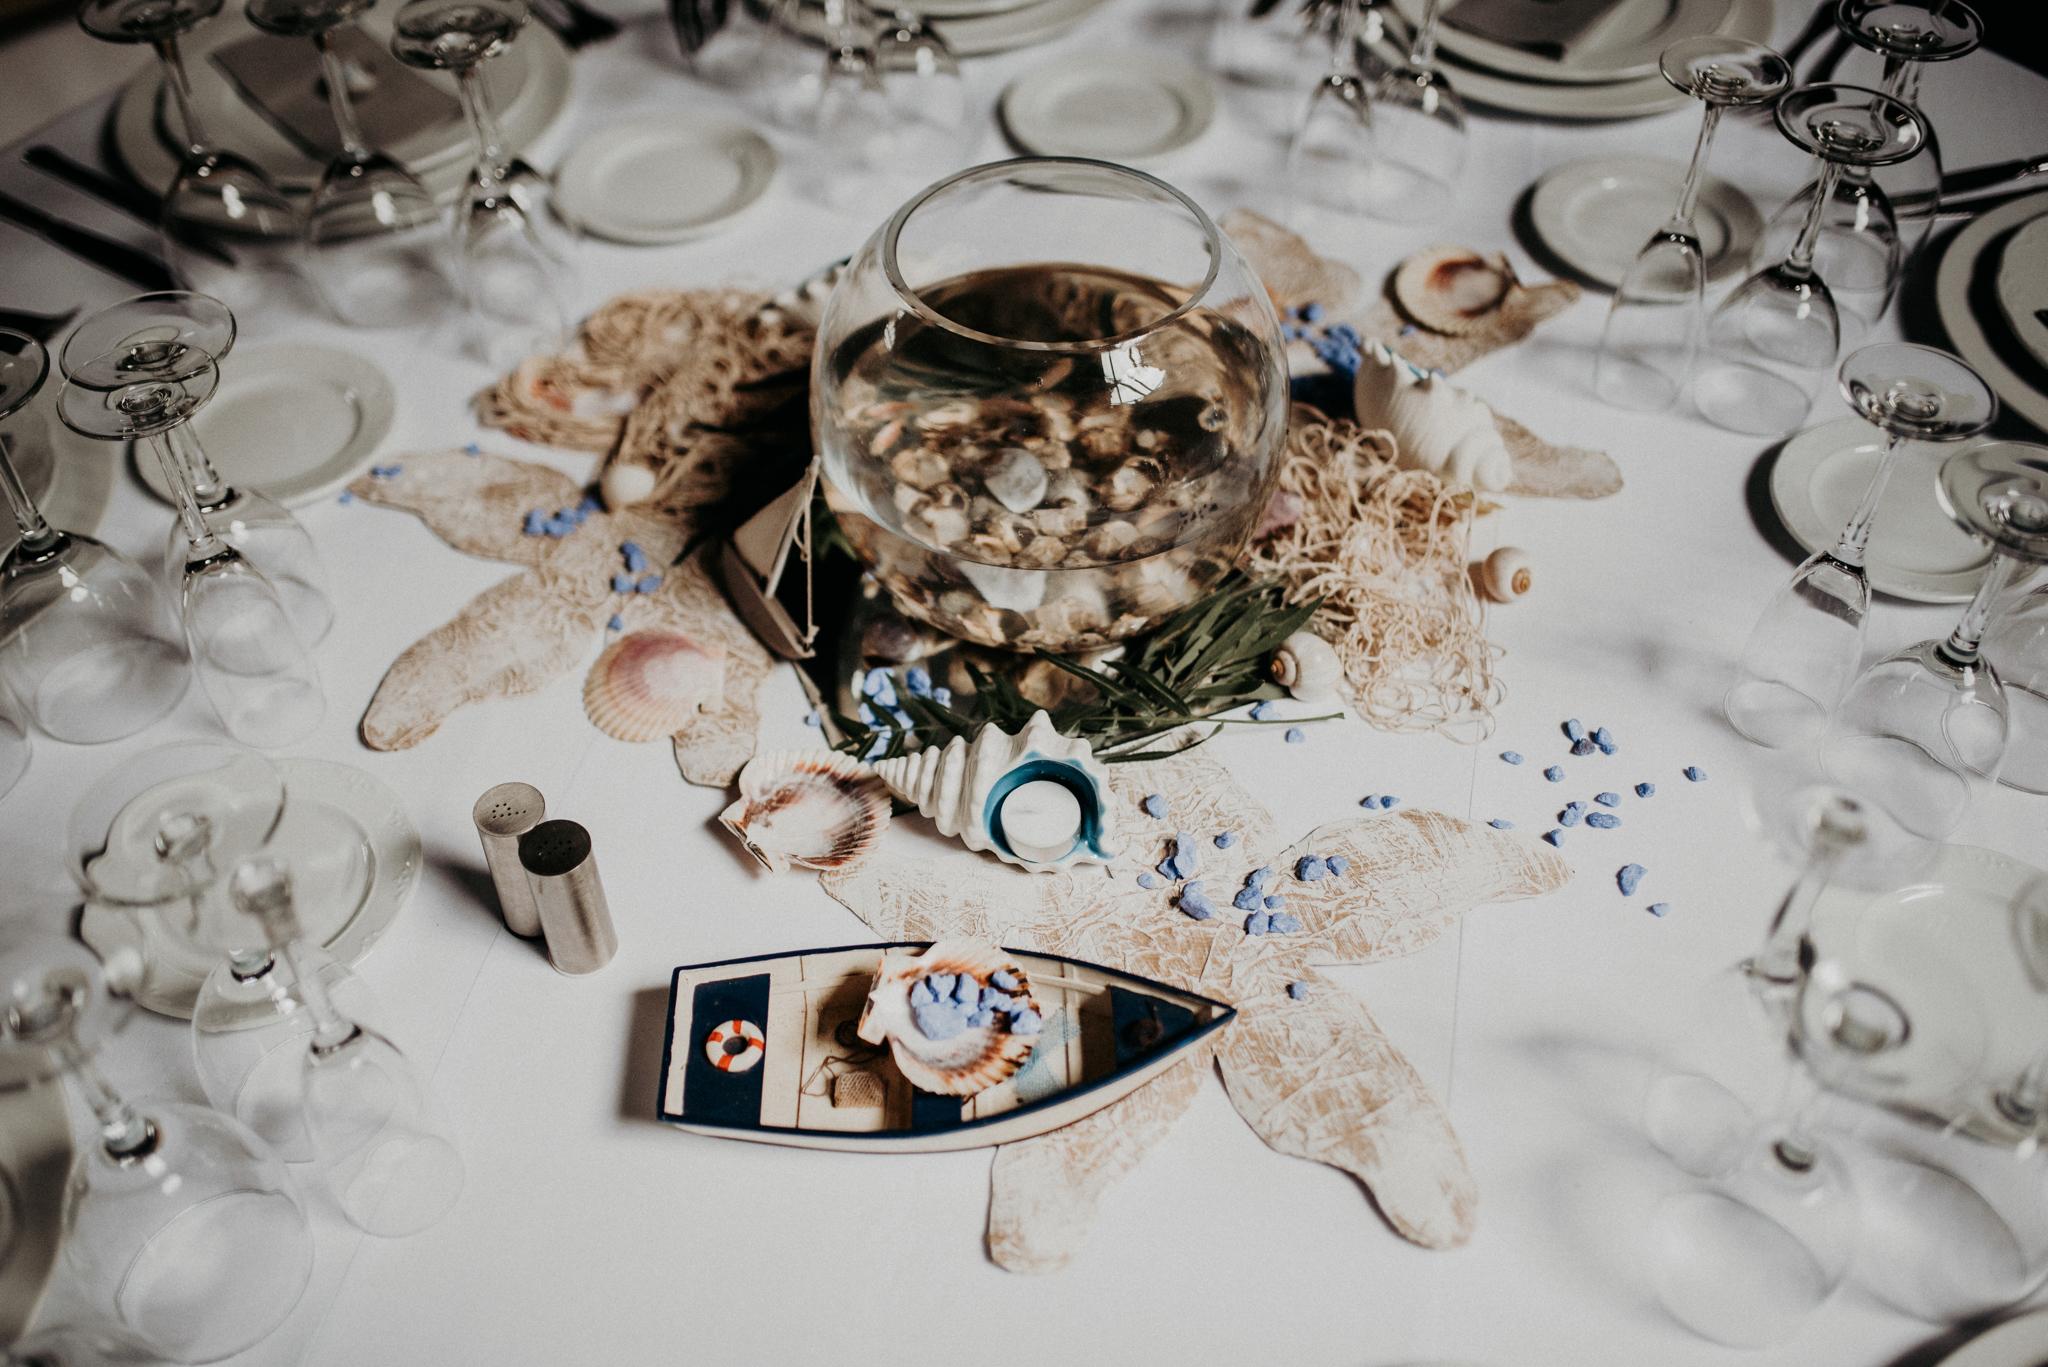 sonia boda-21.jpg